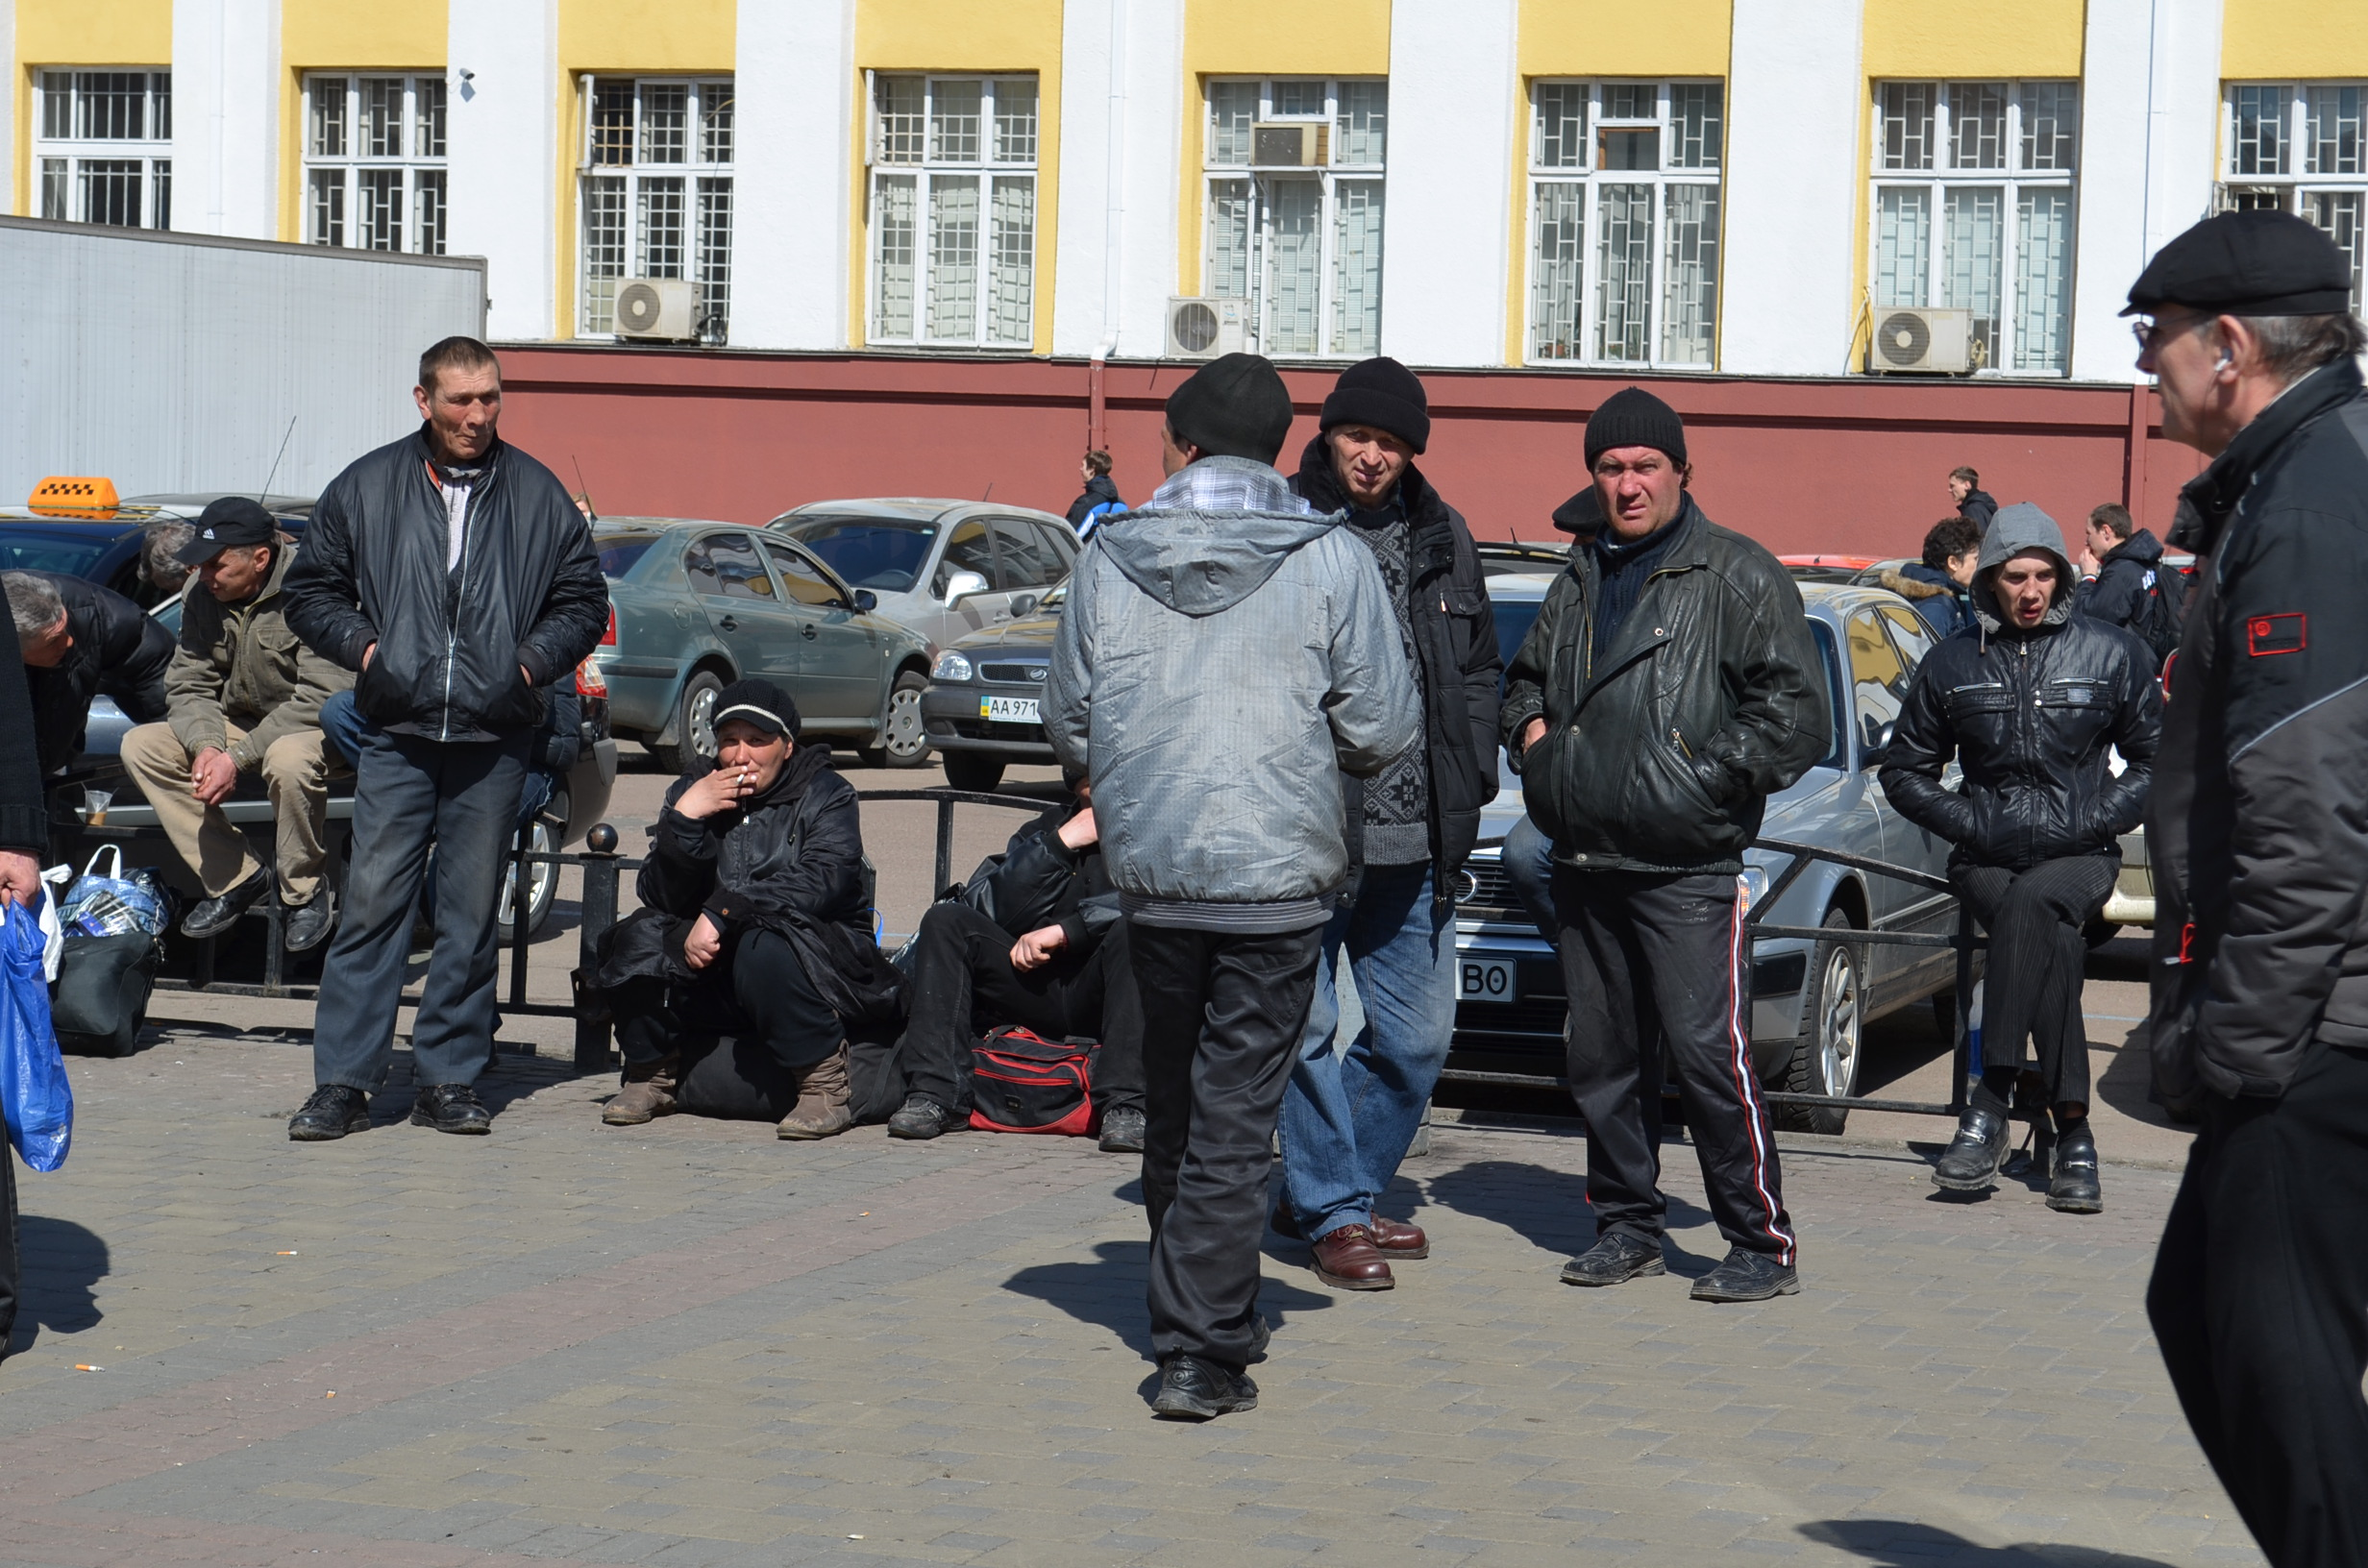 http://liva.com.ua/upload/images/DSC_0331.JPG